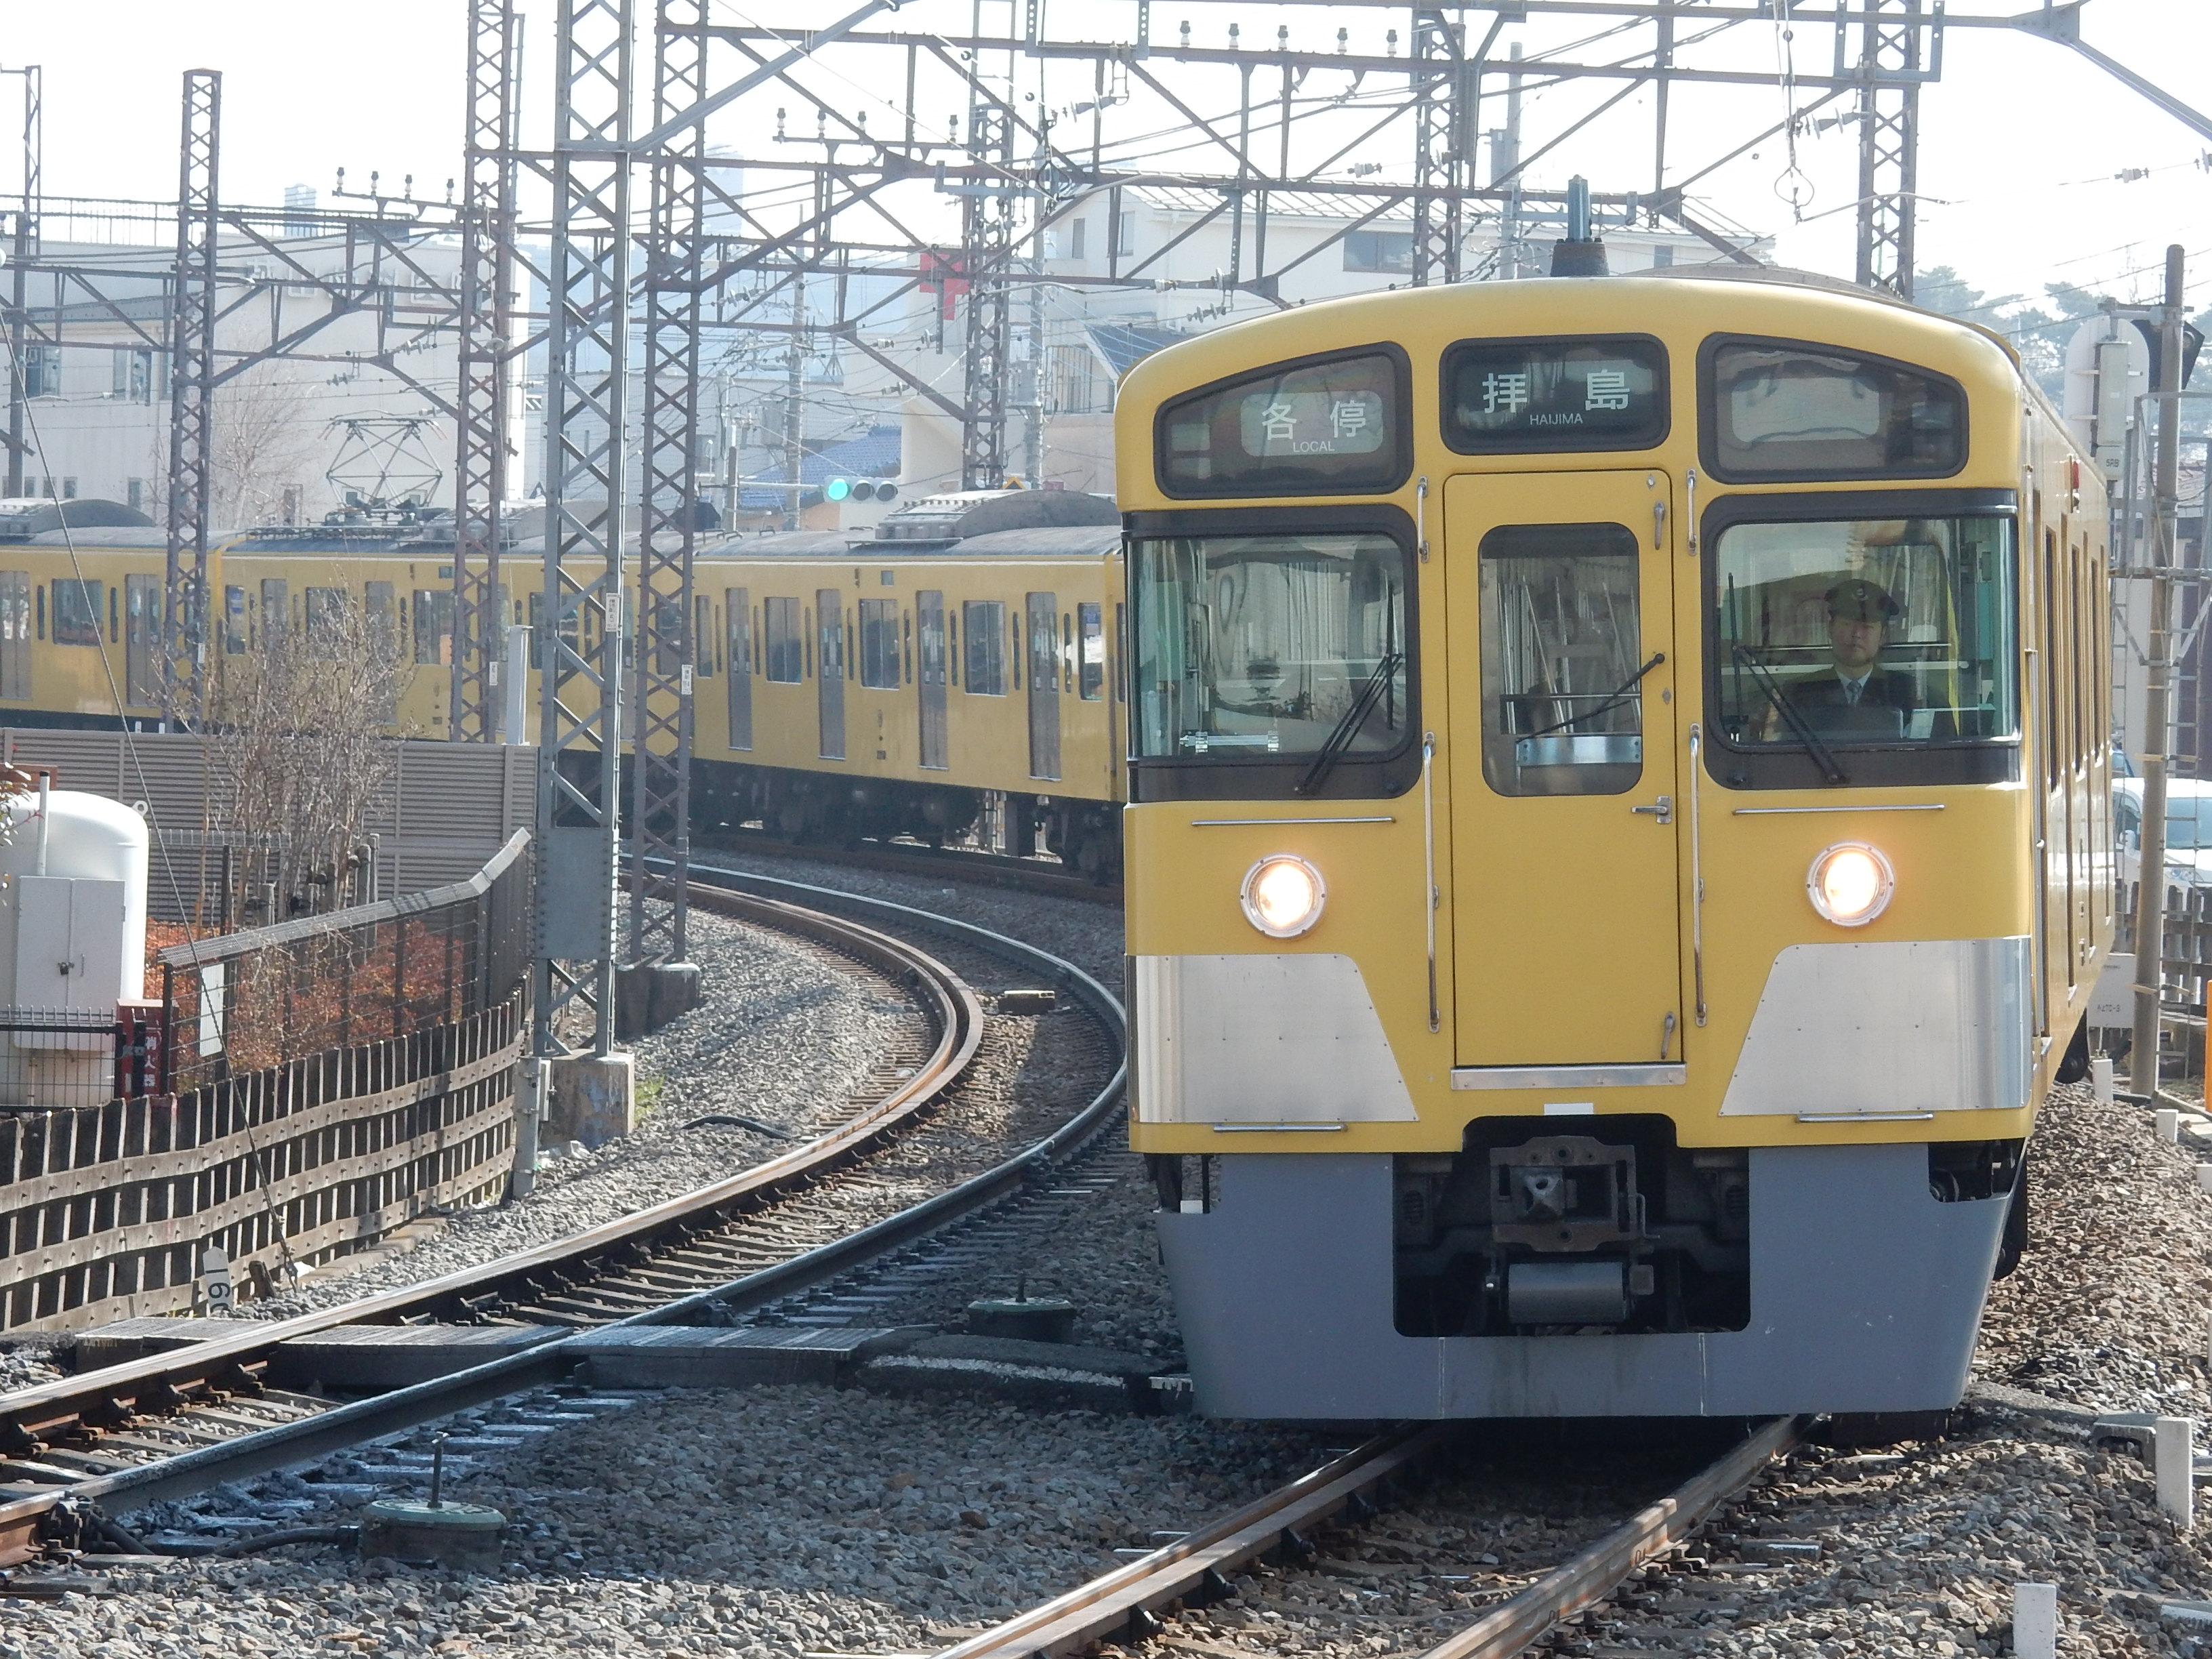 DSCN3116.jpg